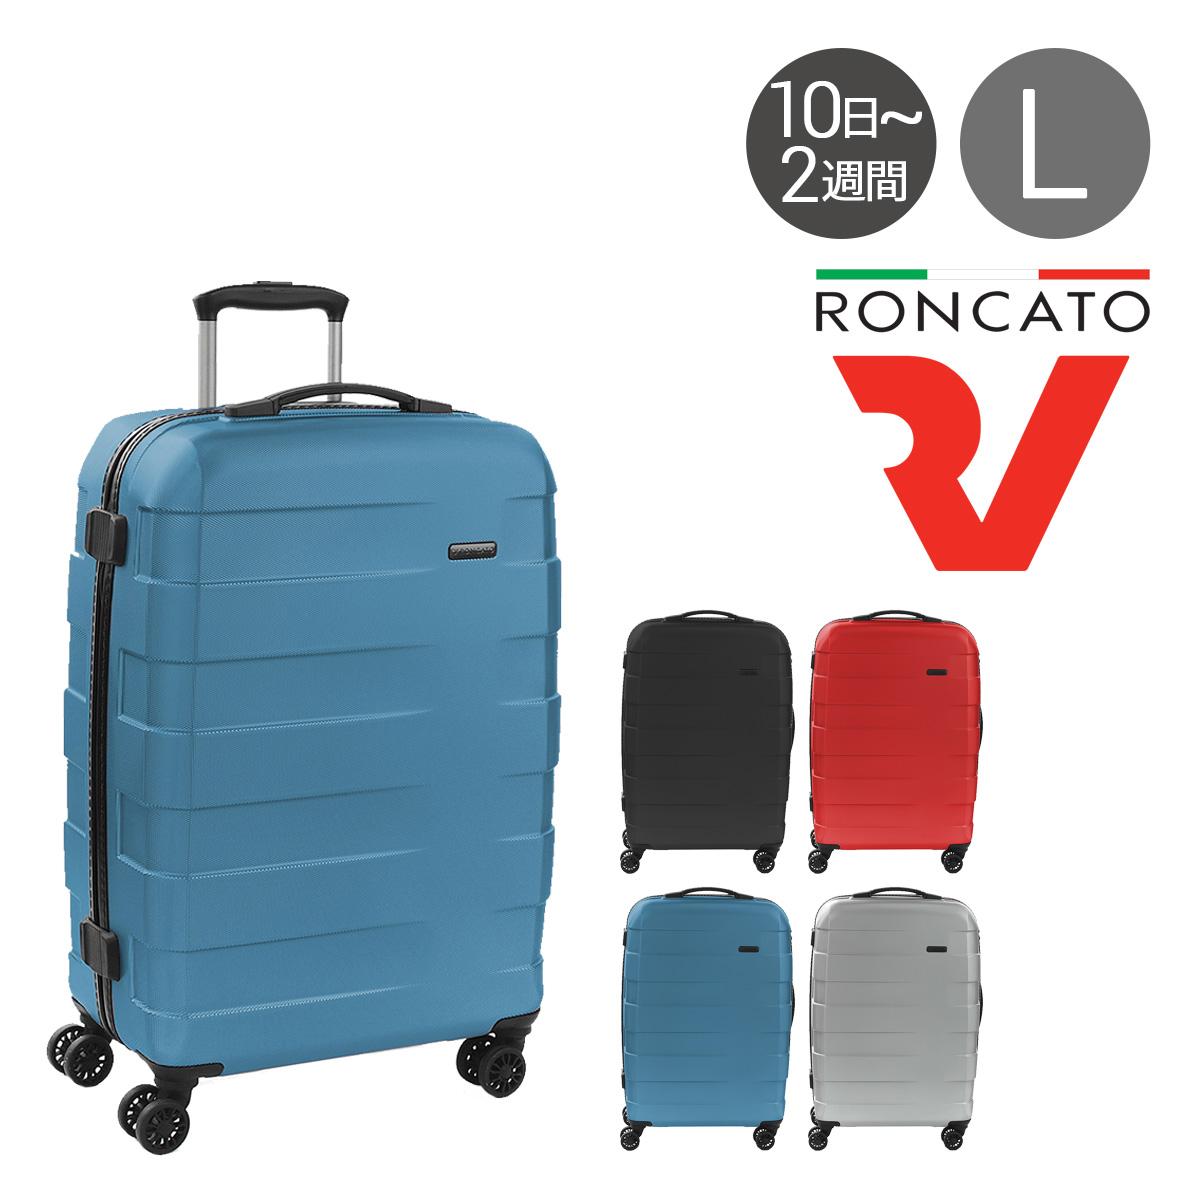 ロンカ-ト スーツケース 97L 68cm 3.6kg ハード ファスナー アールブイ・エイティーン 5801 イタリア製 RONCATO RV-18 | キャリーケース 軽量 TSAロック搭載 5年保証[bef][PO10]